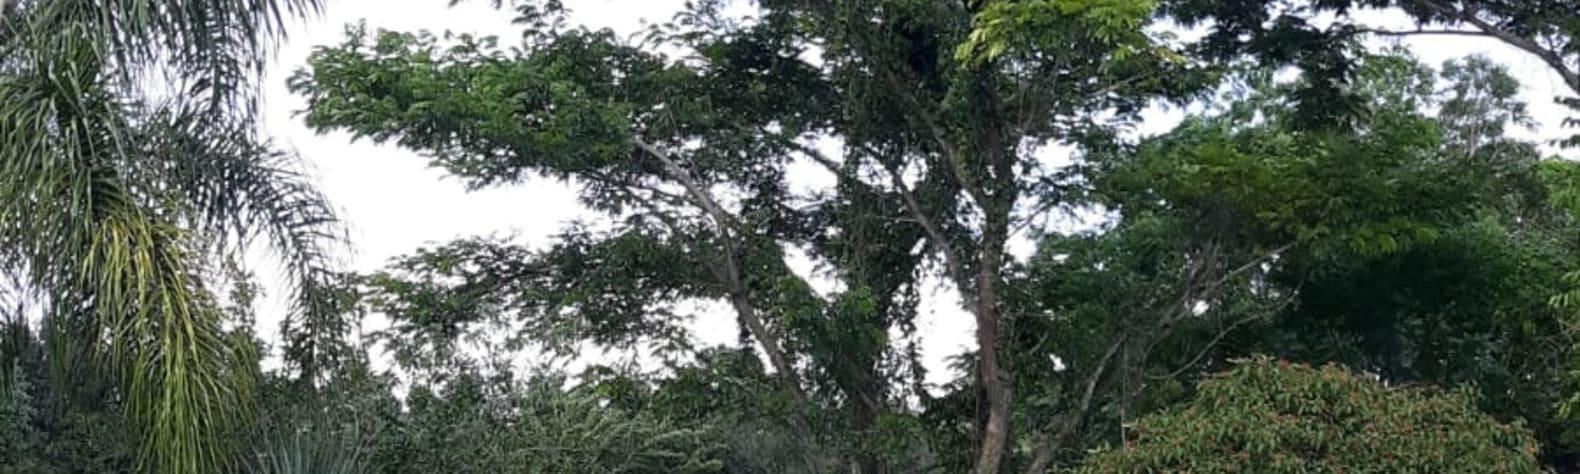 Punta Gorda Botanical Retreat